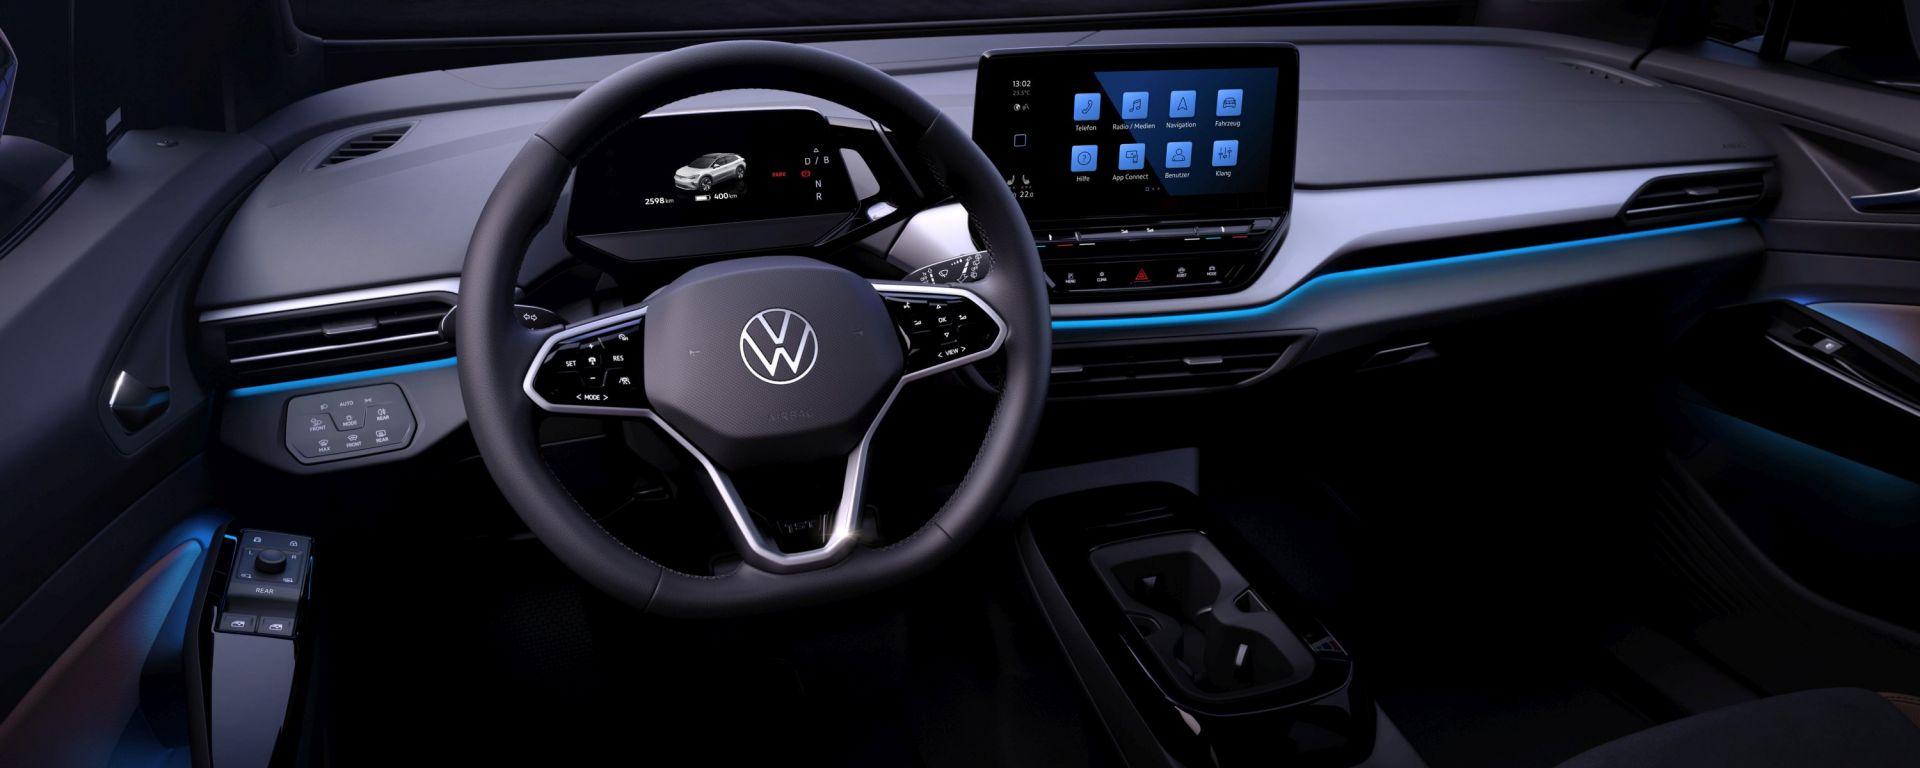 Volkswagen ID.4: il posto guida